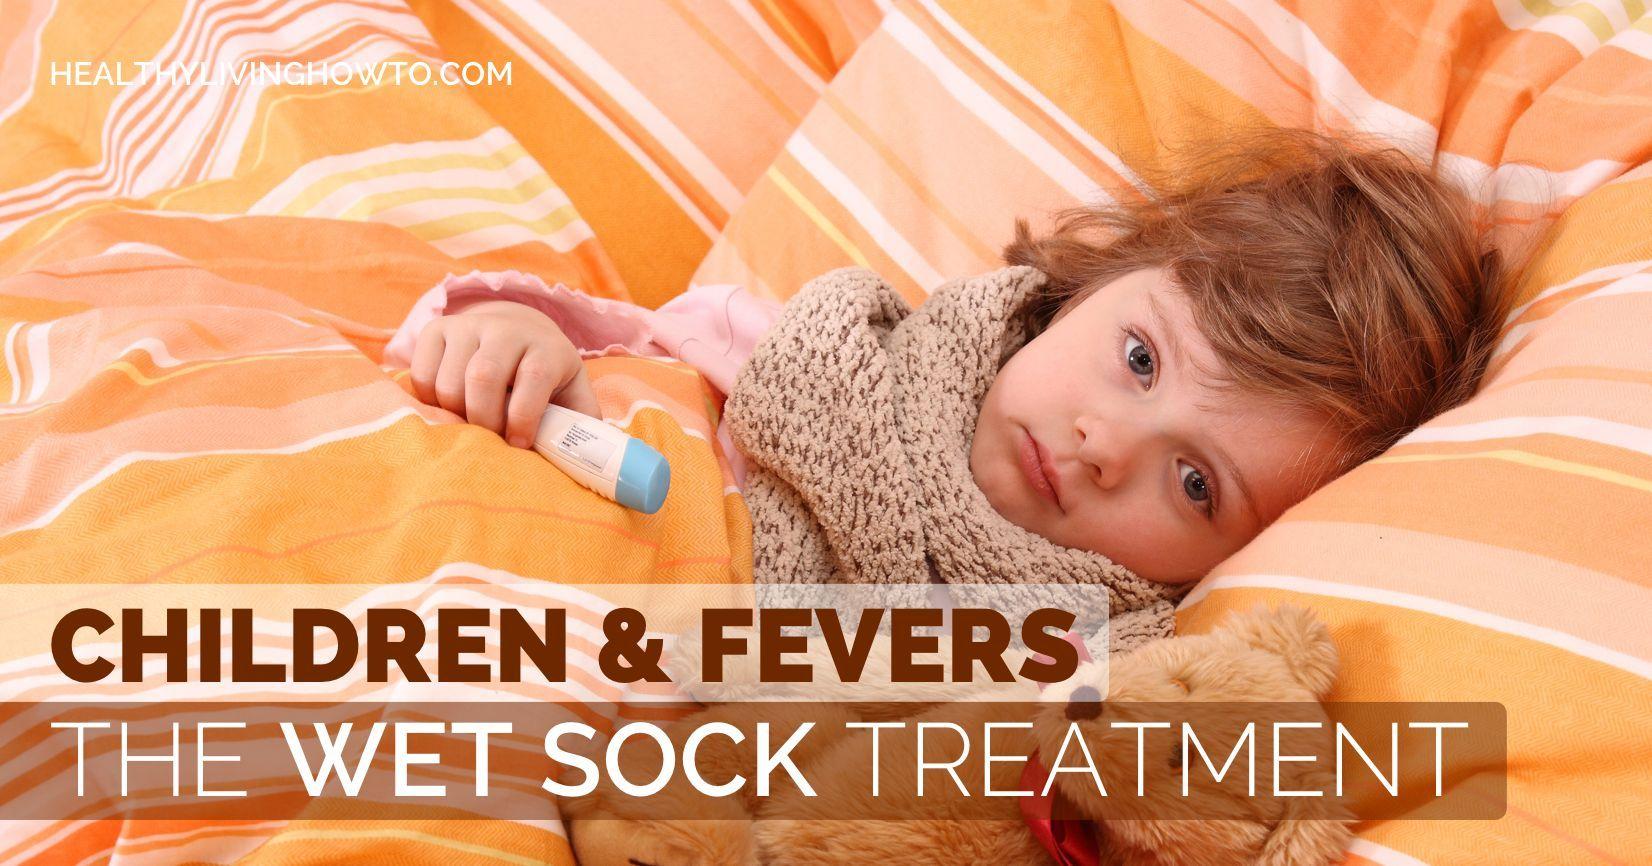 Wet Sock Treatment for Fever